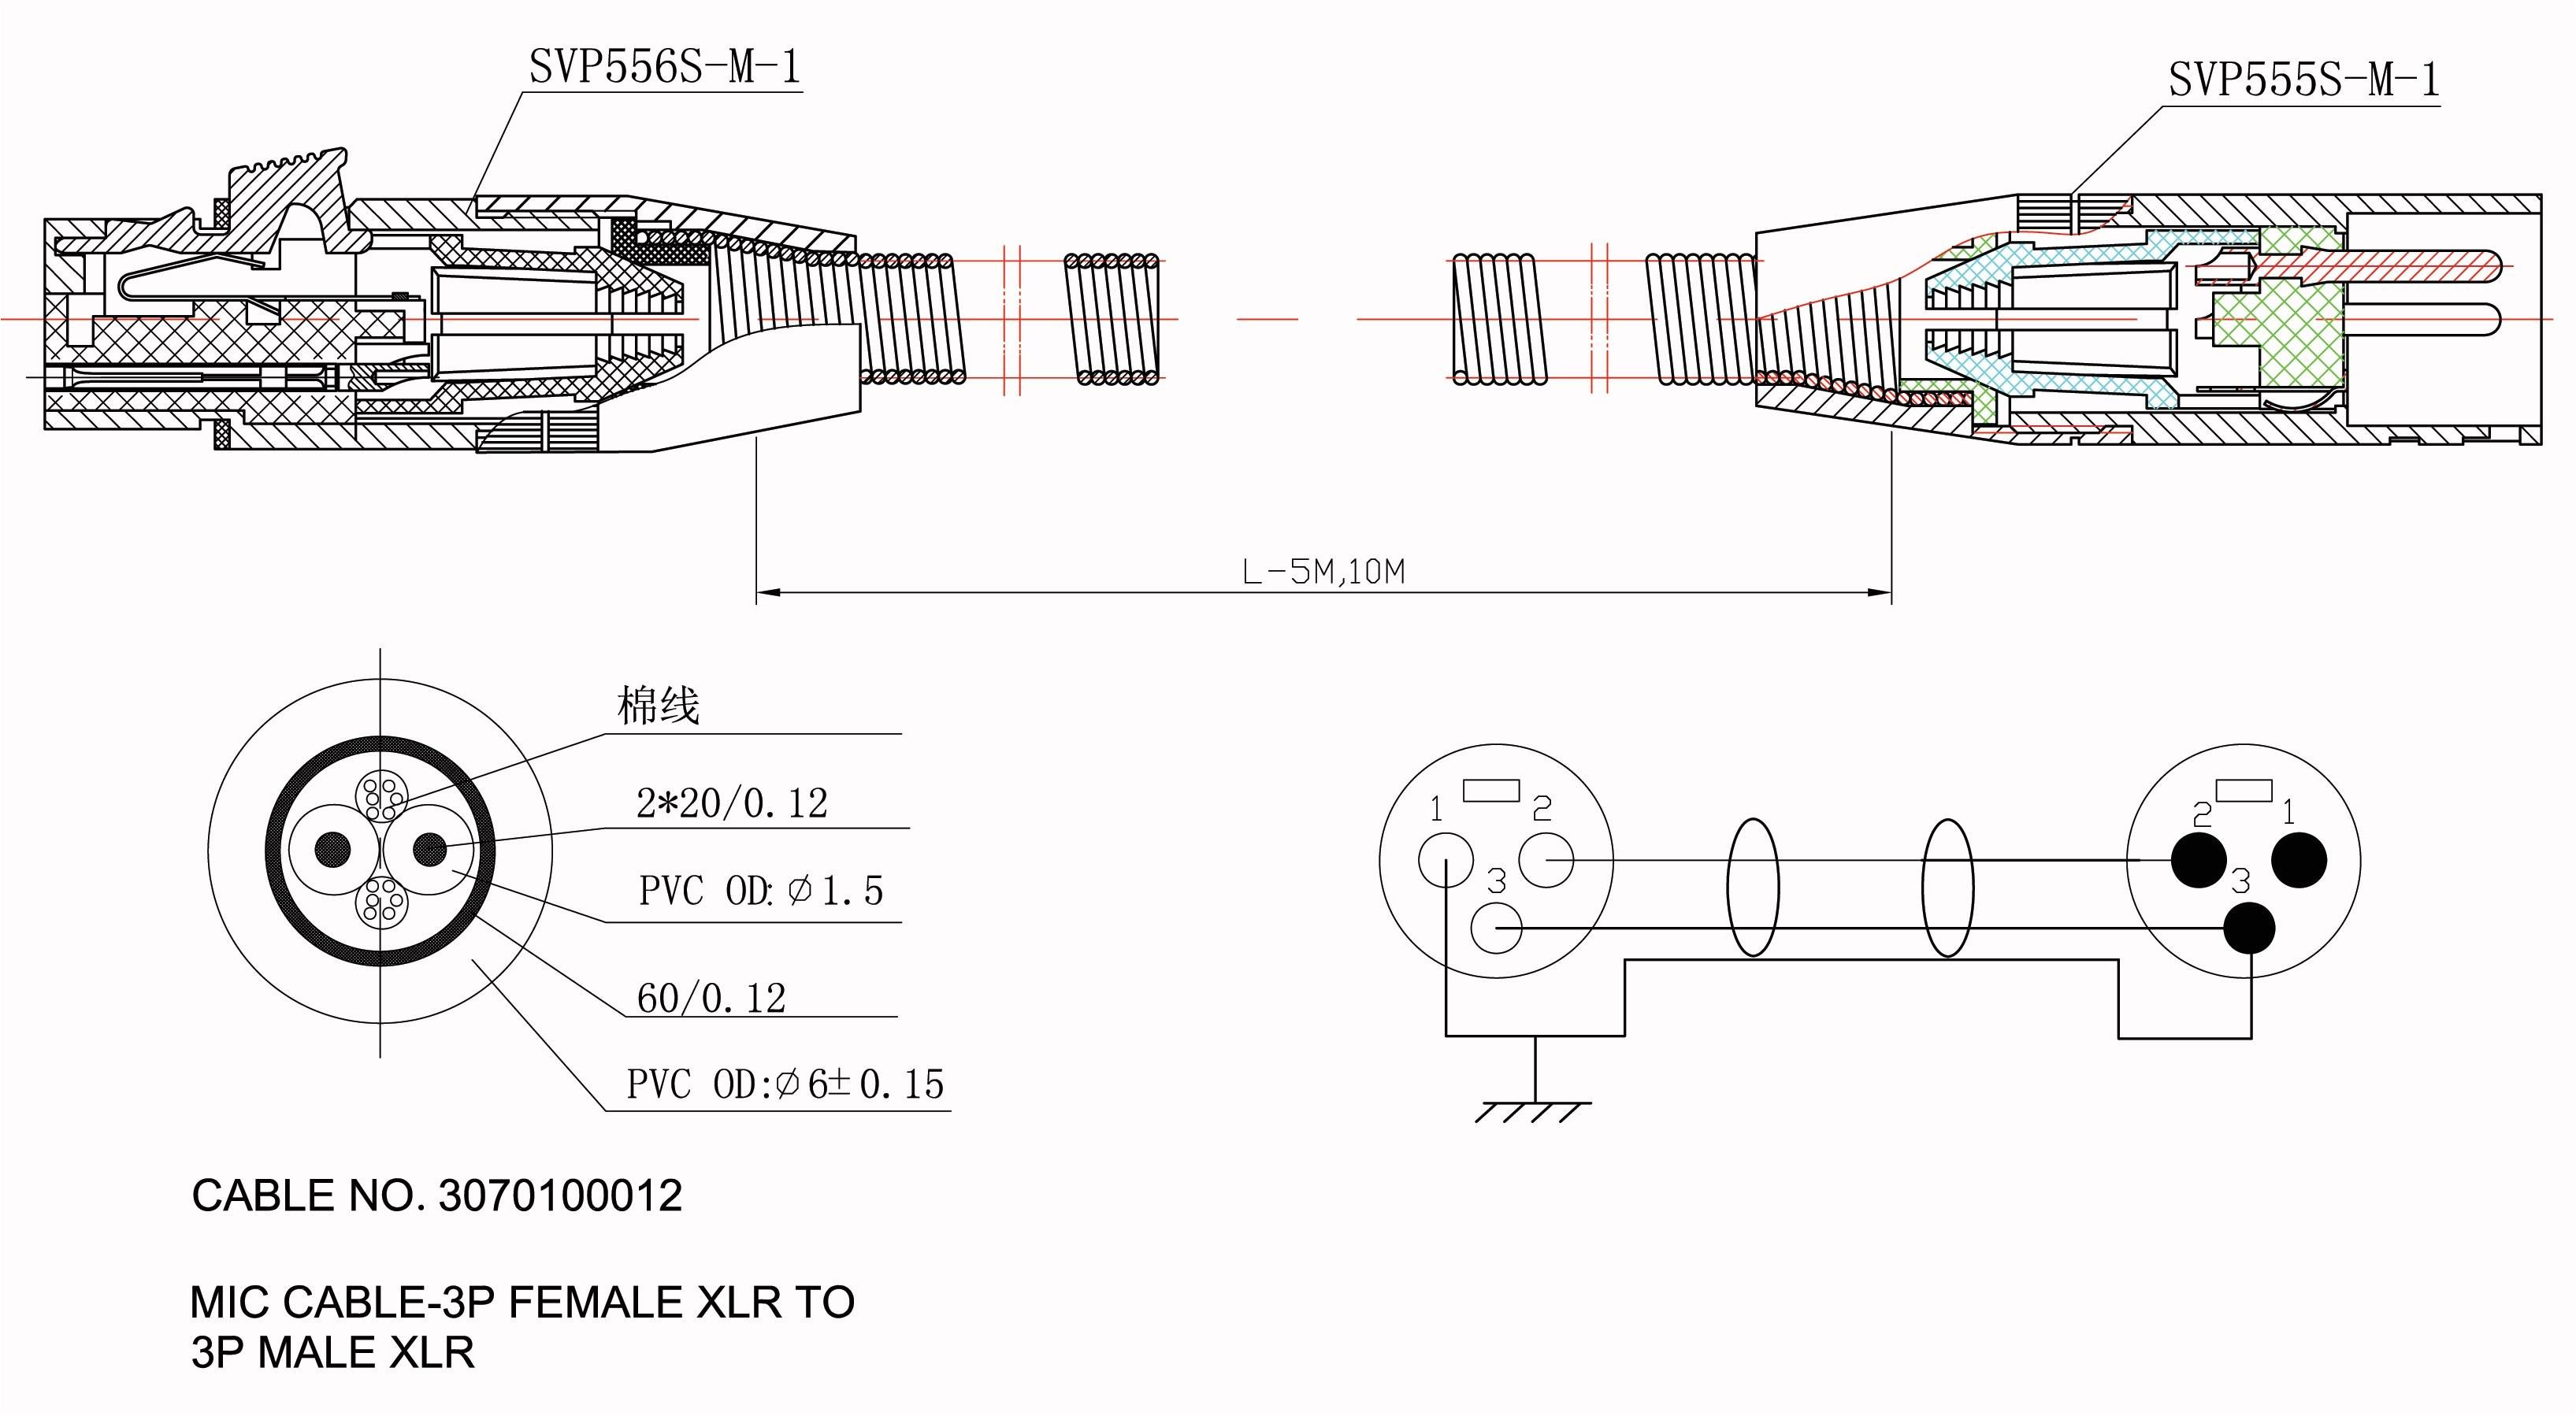 1 Humbucker Wiring Diagram 1 Humbucker Wiring Diagram Architecture Diagram